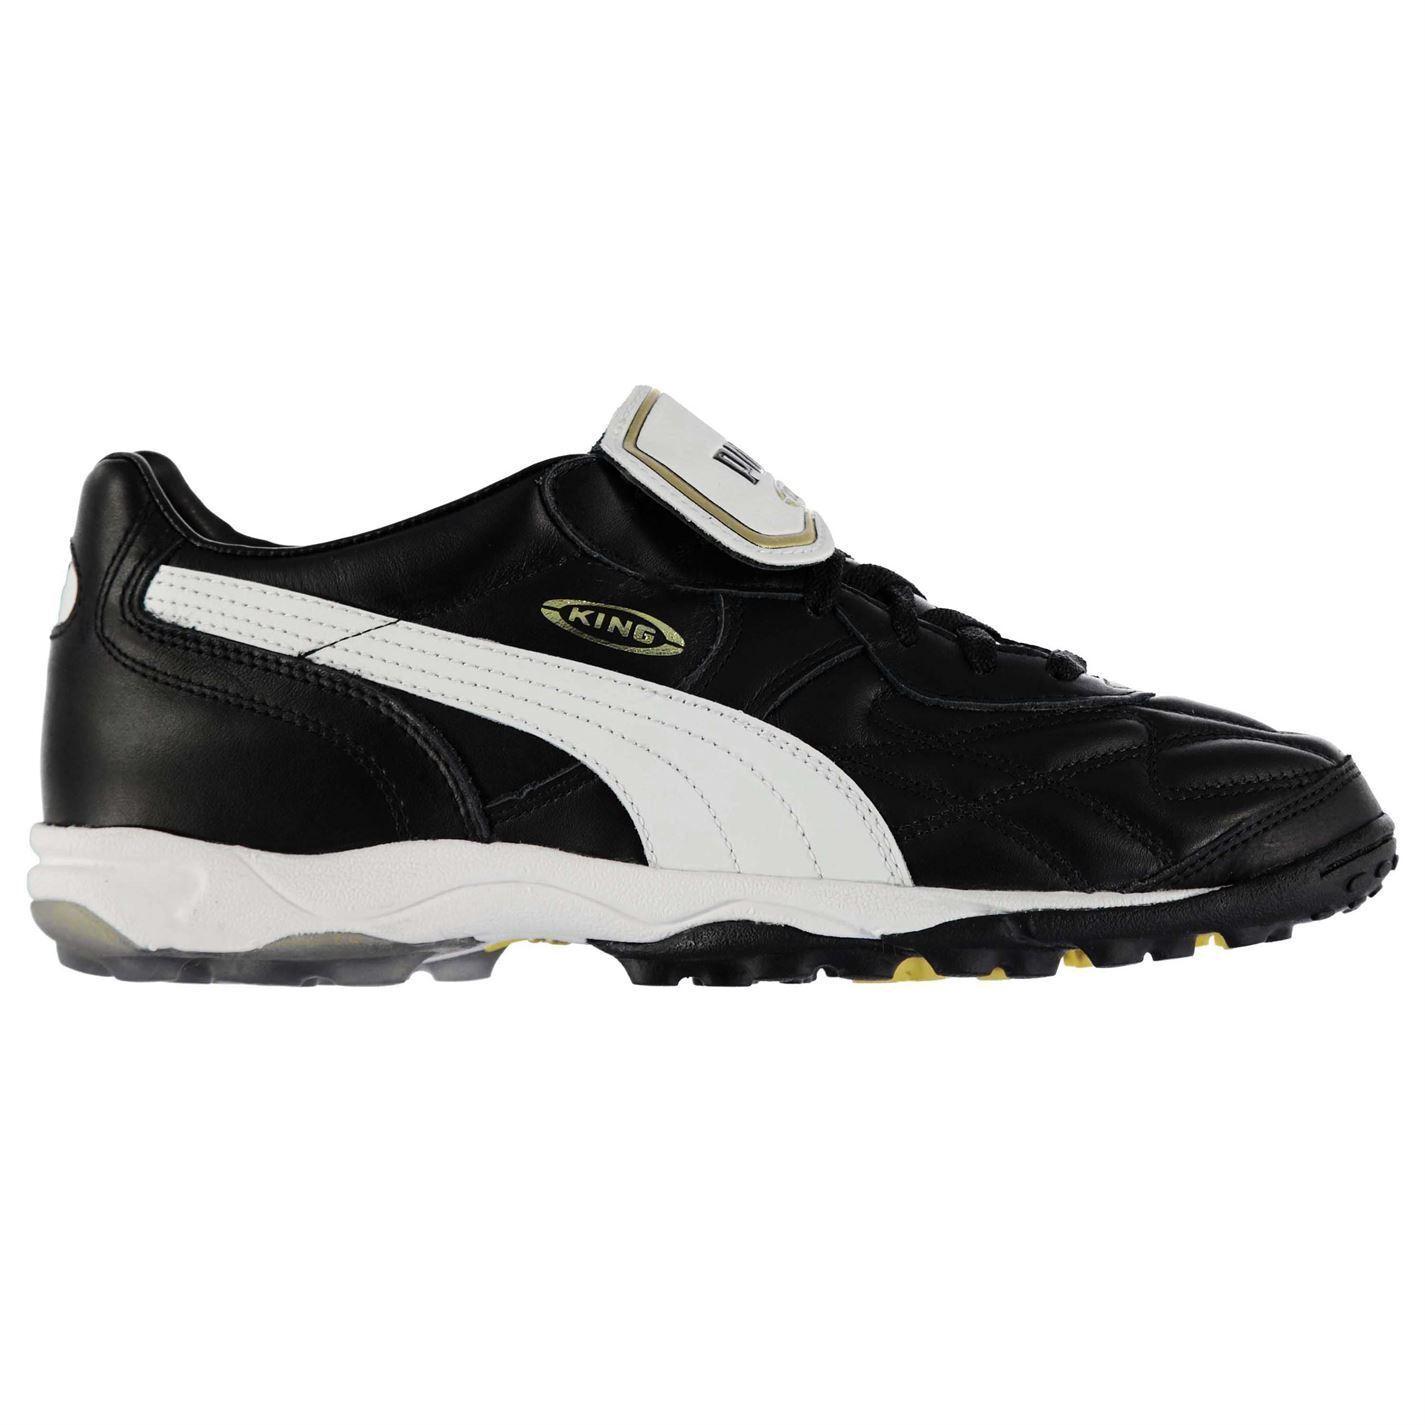 Puma King Allround Astro Turf Fútbol Zapatillas para hombre Negro blancoo Zapatos deportivos de fútbol